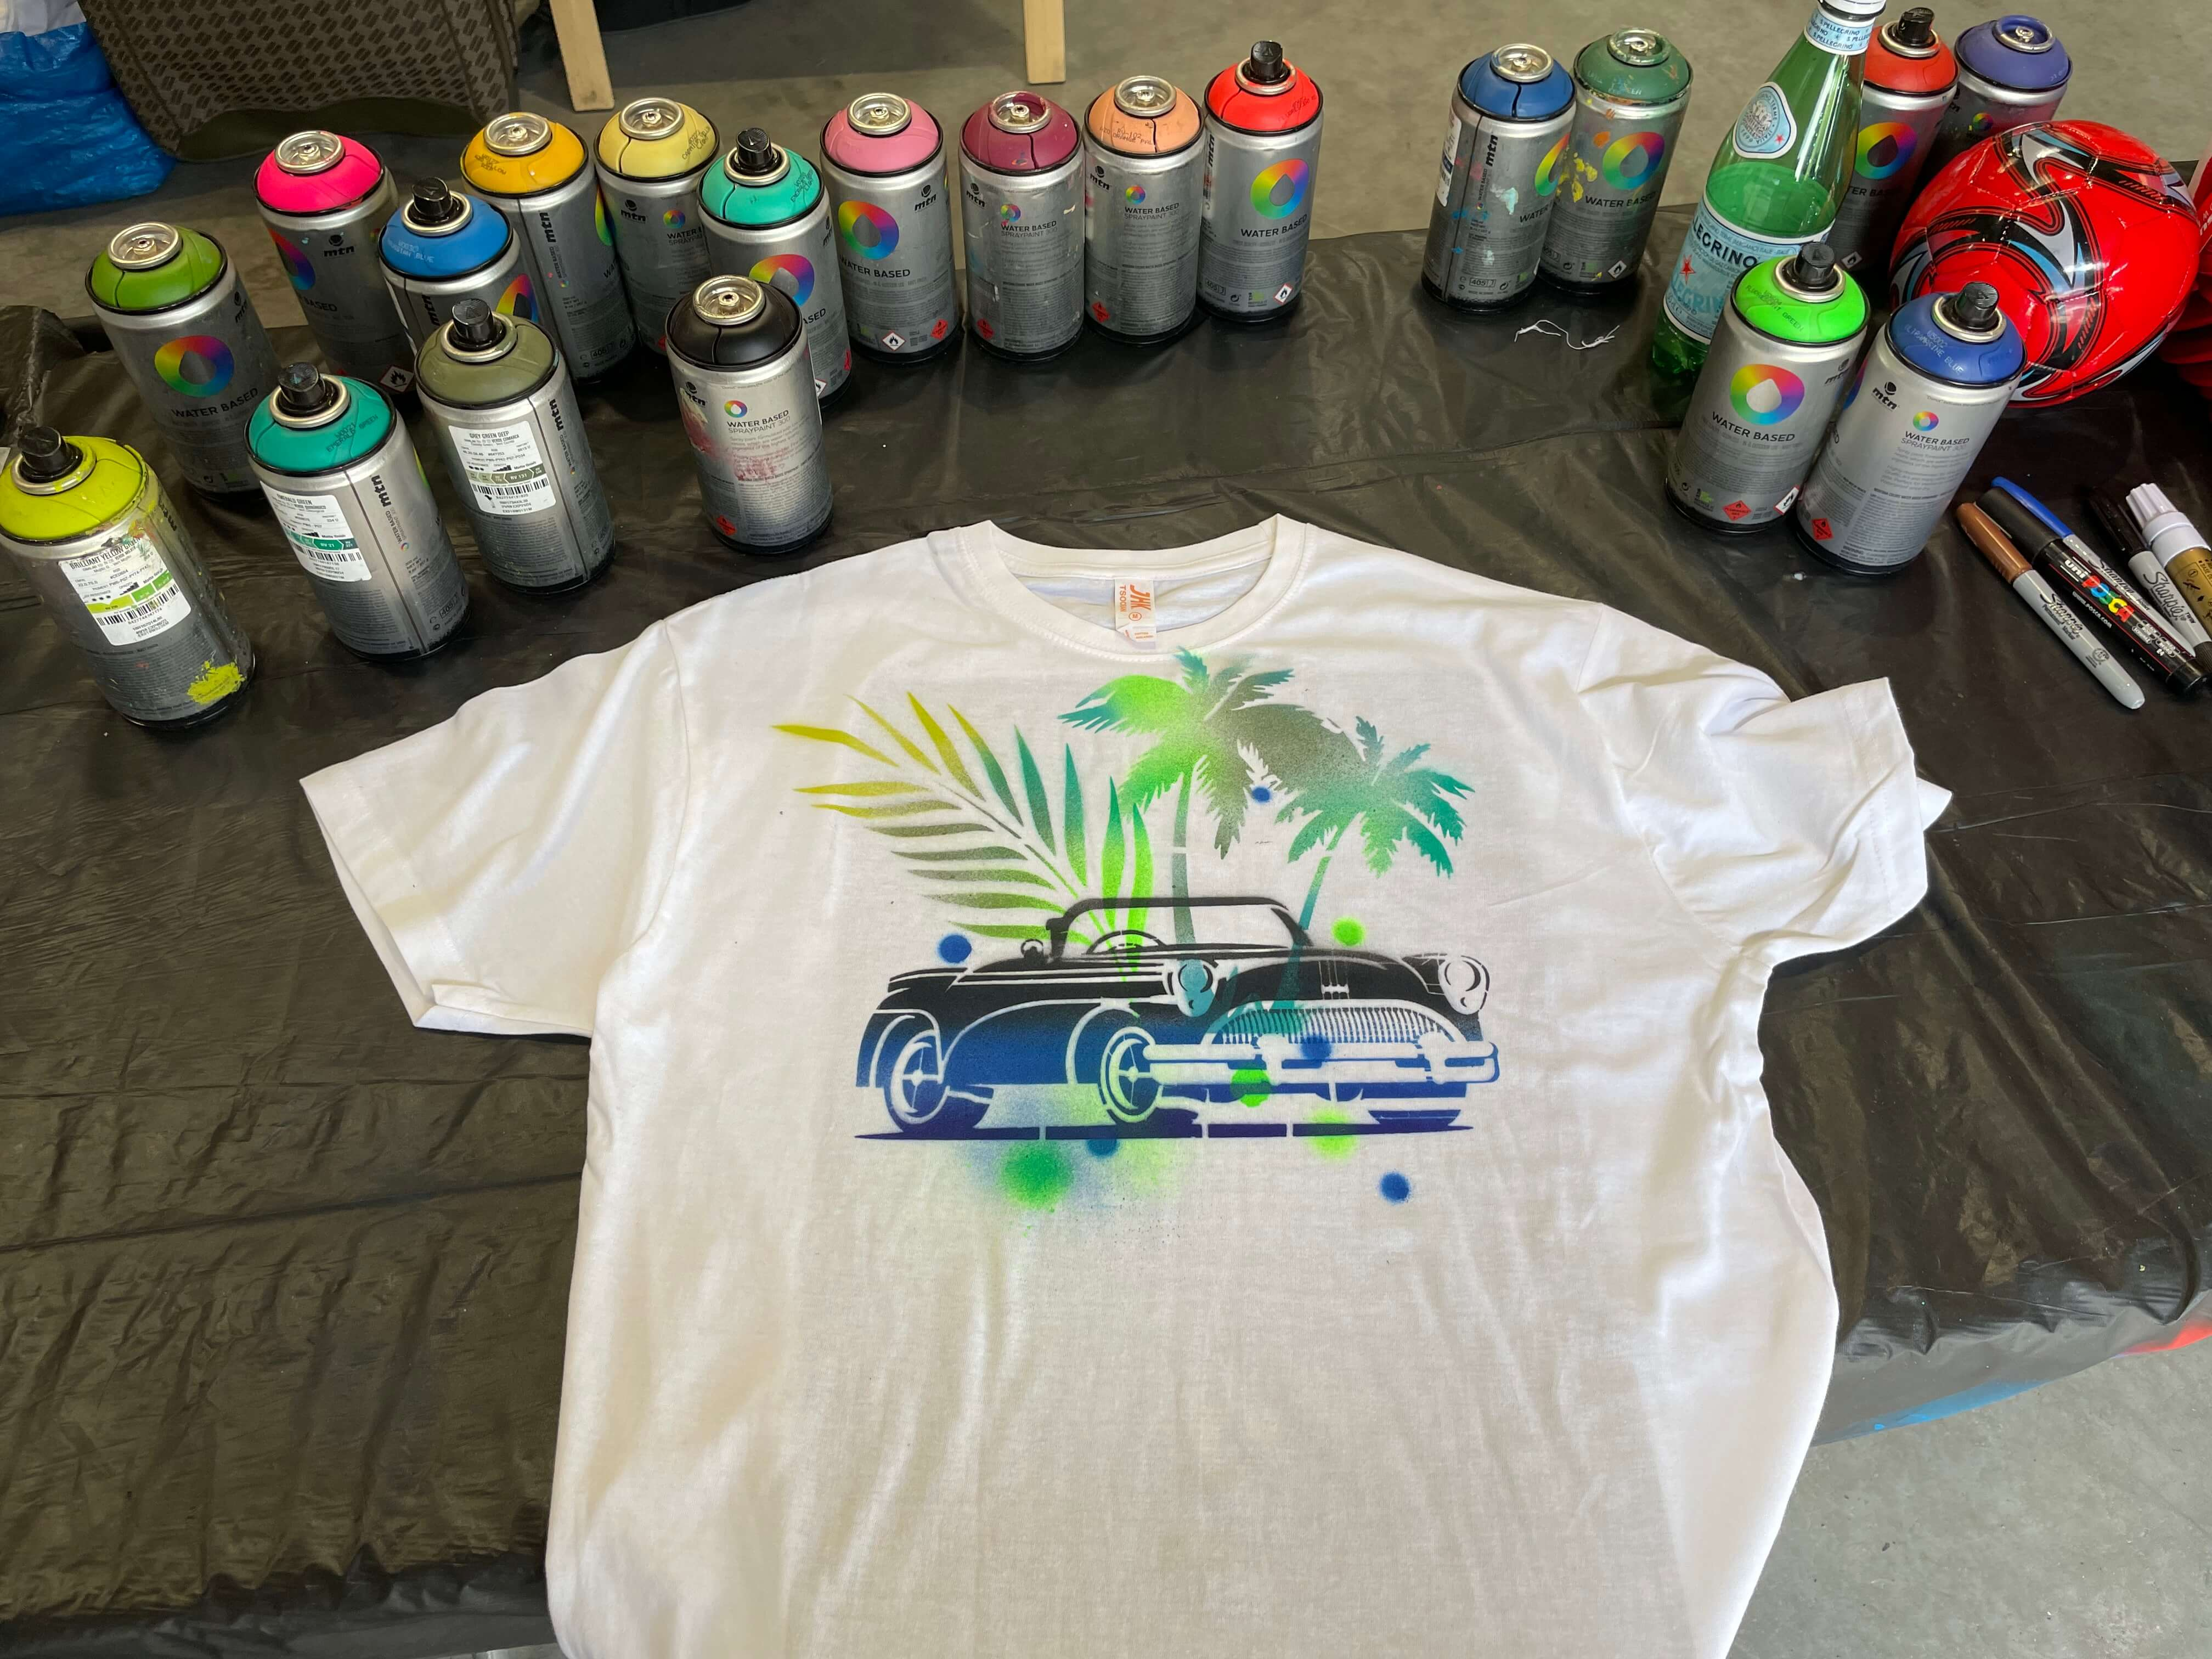 pochoir street art sur un tee-shirt avec des bombes de peinture écologique